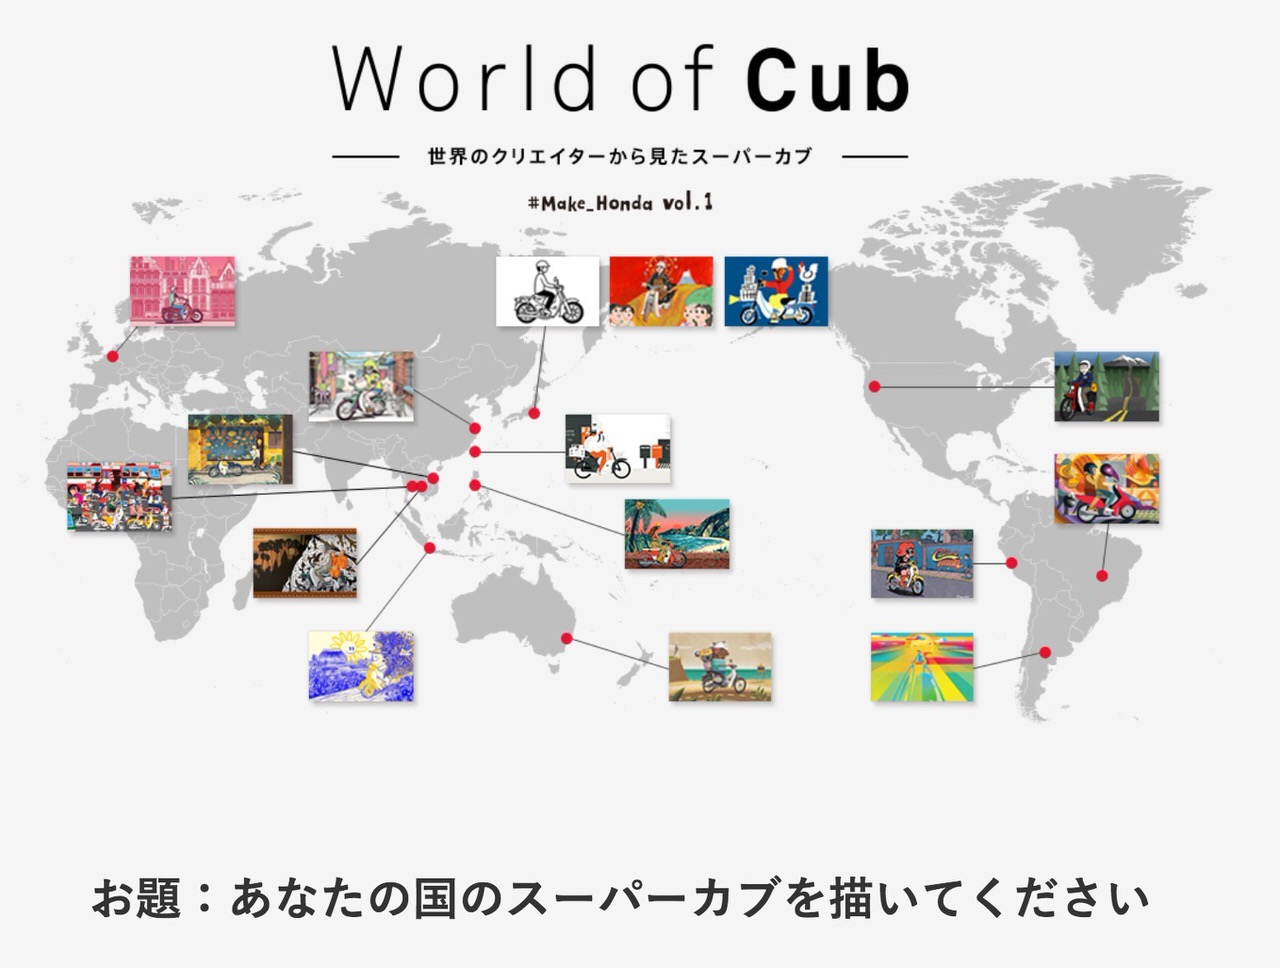 「World of Cub」世界中のクリエイターが描くスーパーカブのある風景